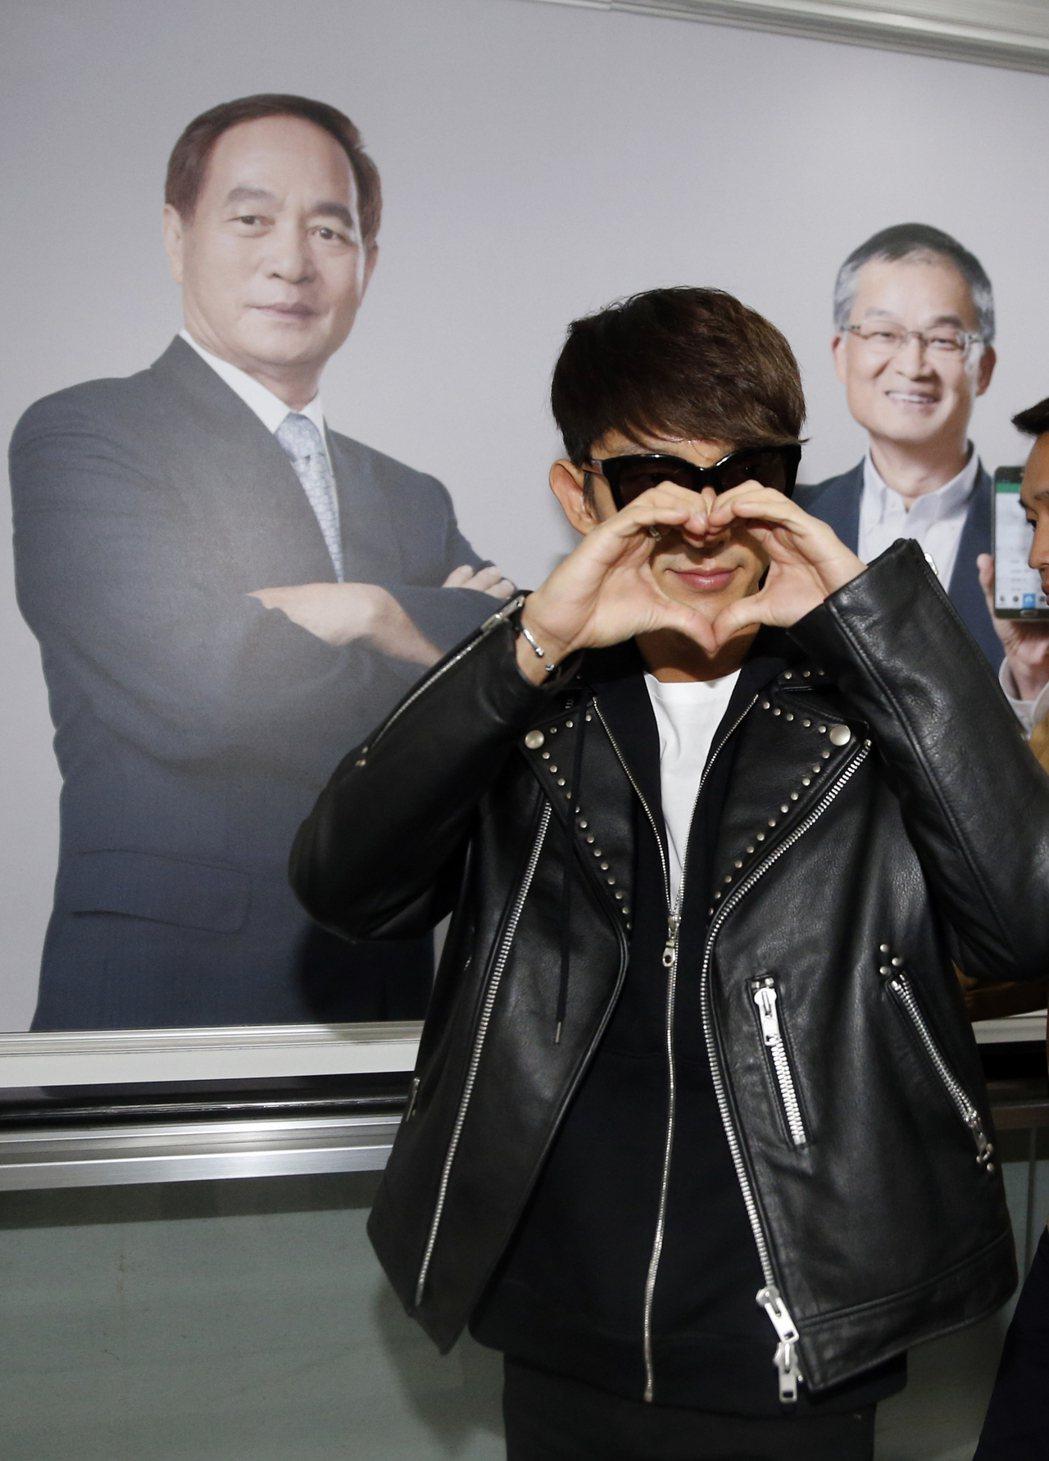 韓星李準基中午搭機抵達桃園機場,一路上還擺出各種「愛心」手勢。記者鄭超文/攝影